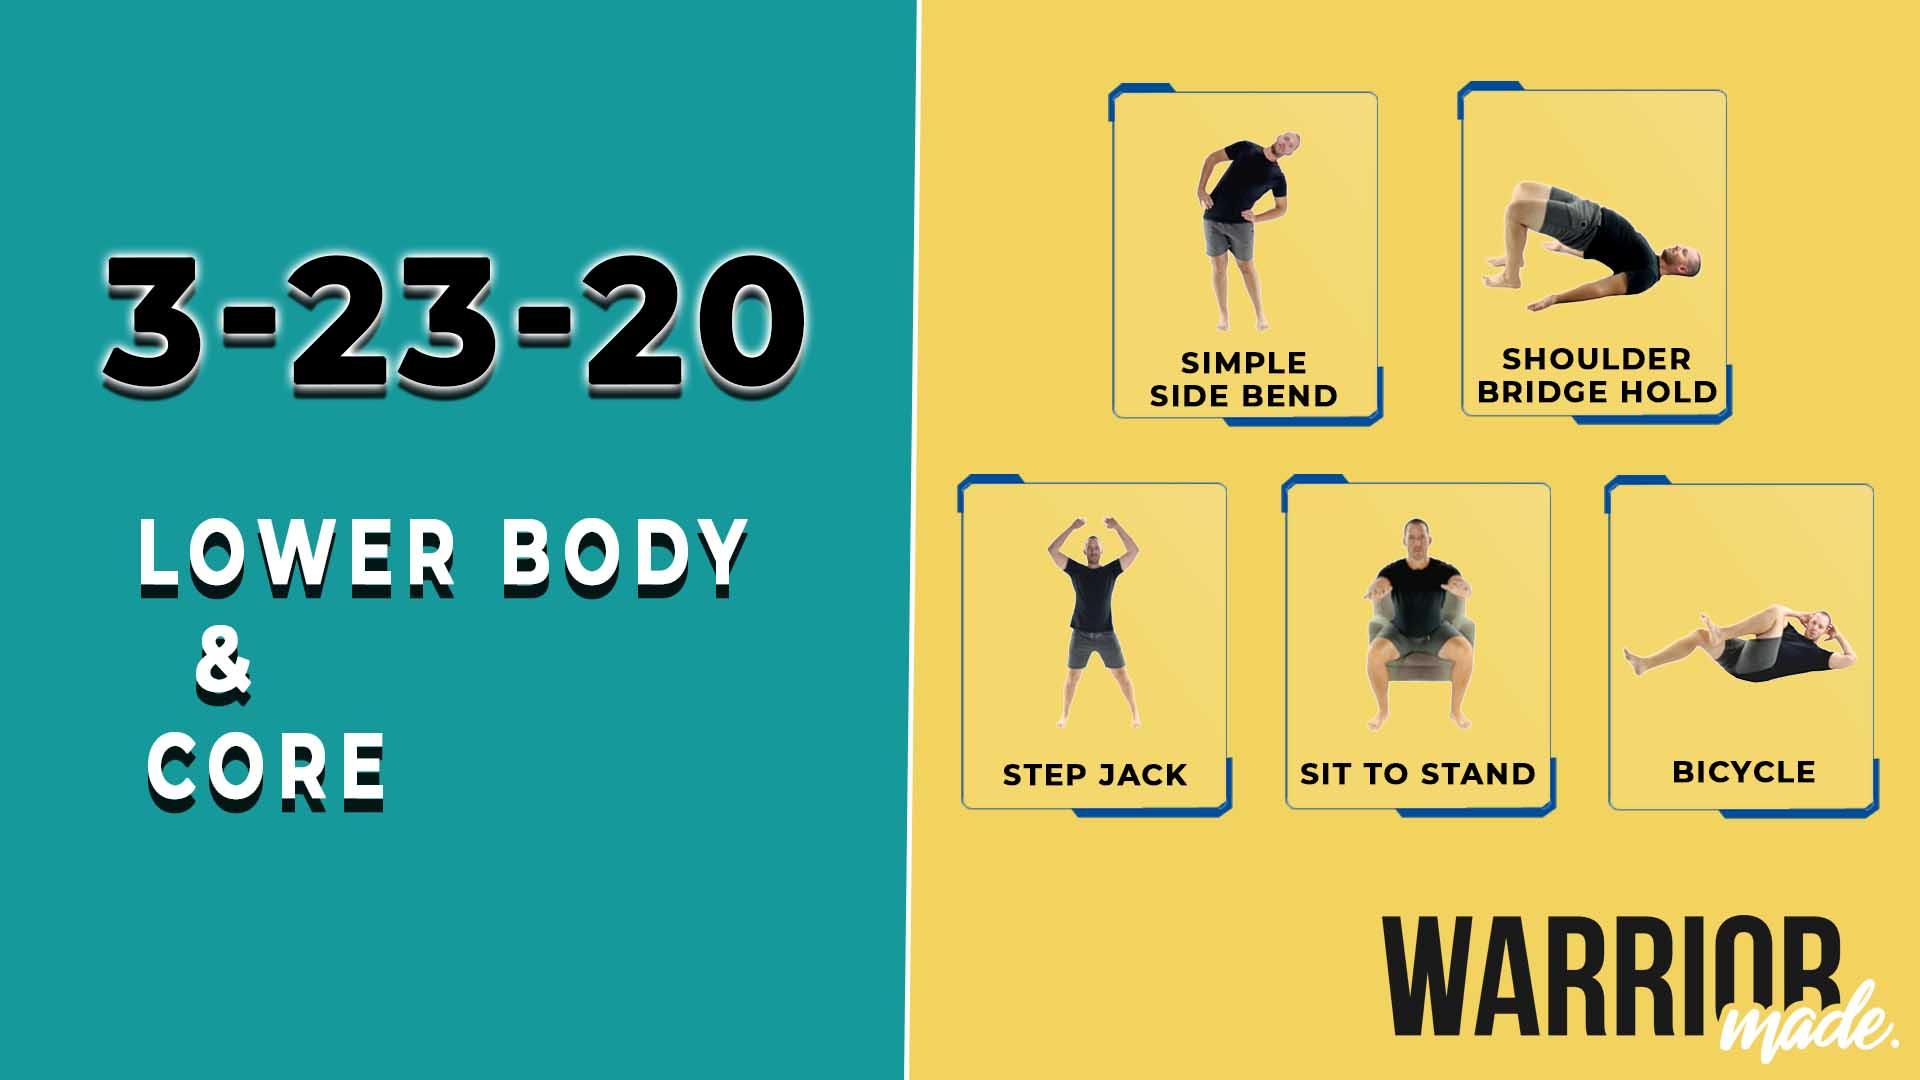 workouts-03-23-20